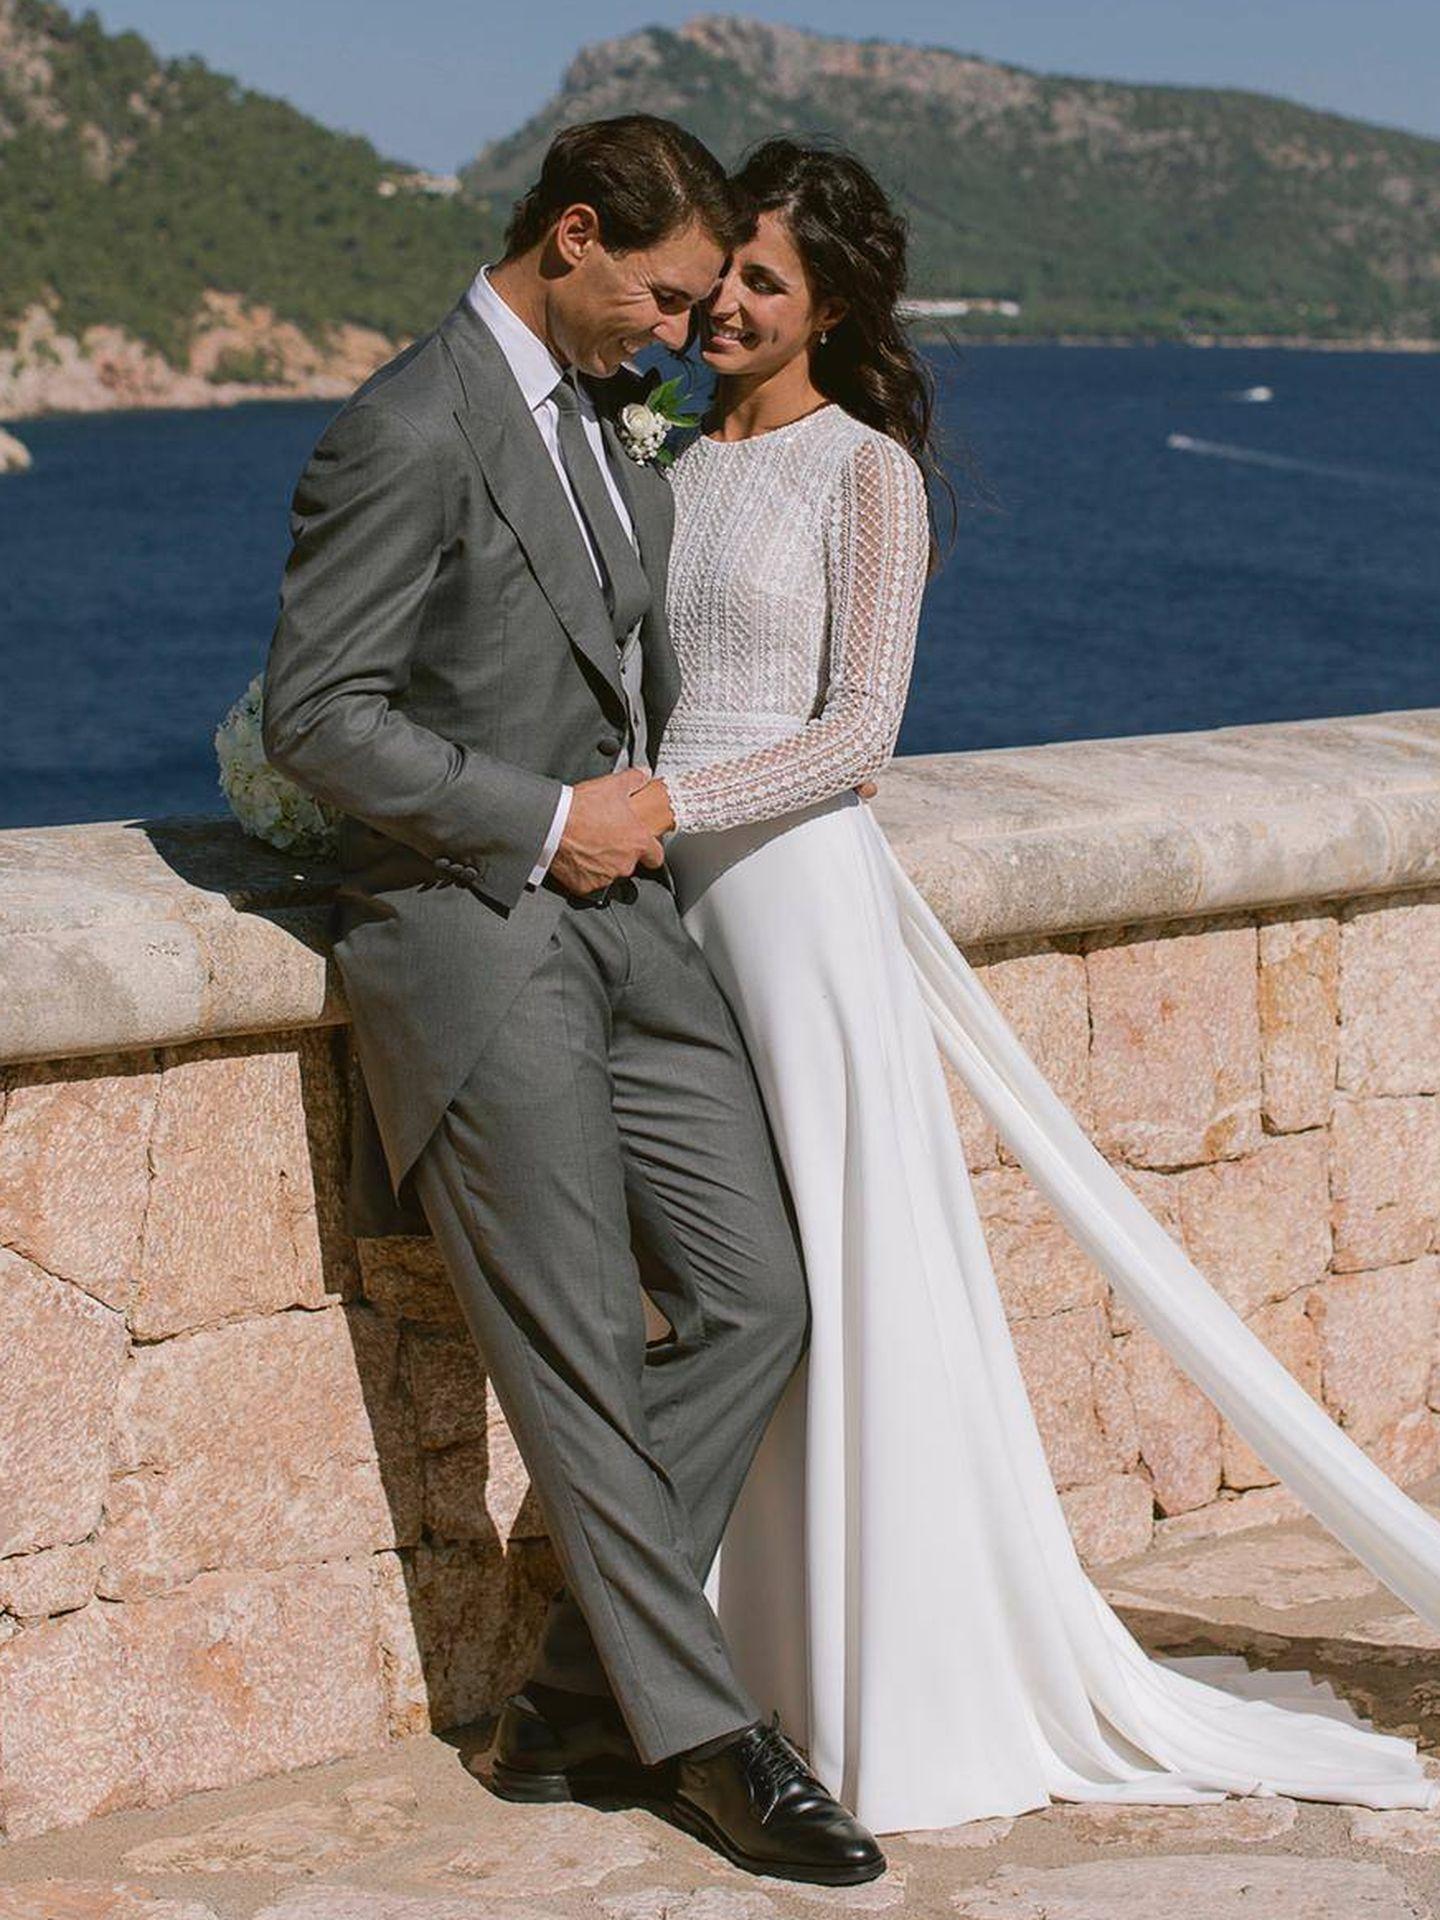 Rafa Nadal y Xisca Perelló recien casado. (Fundacion Rafa Nadal)